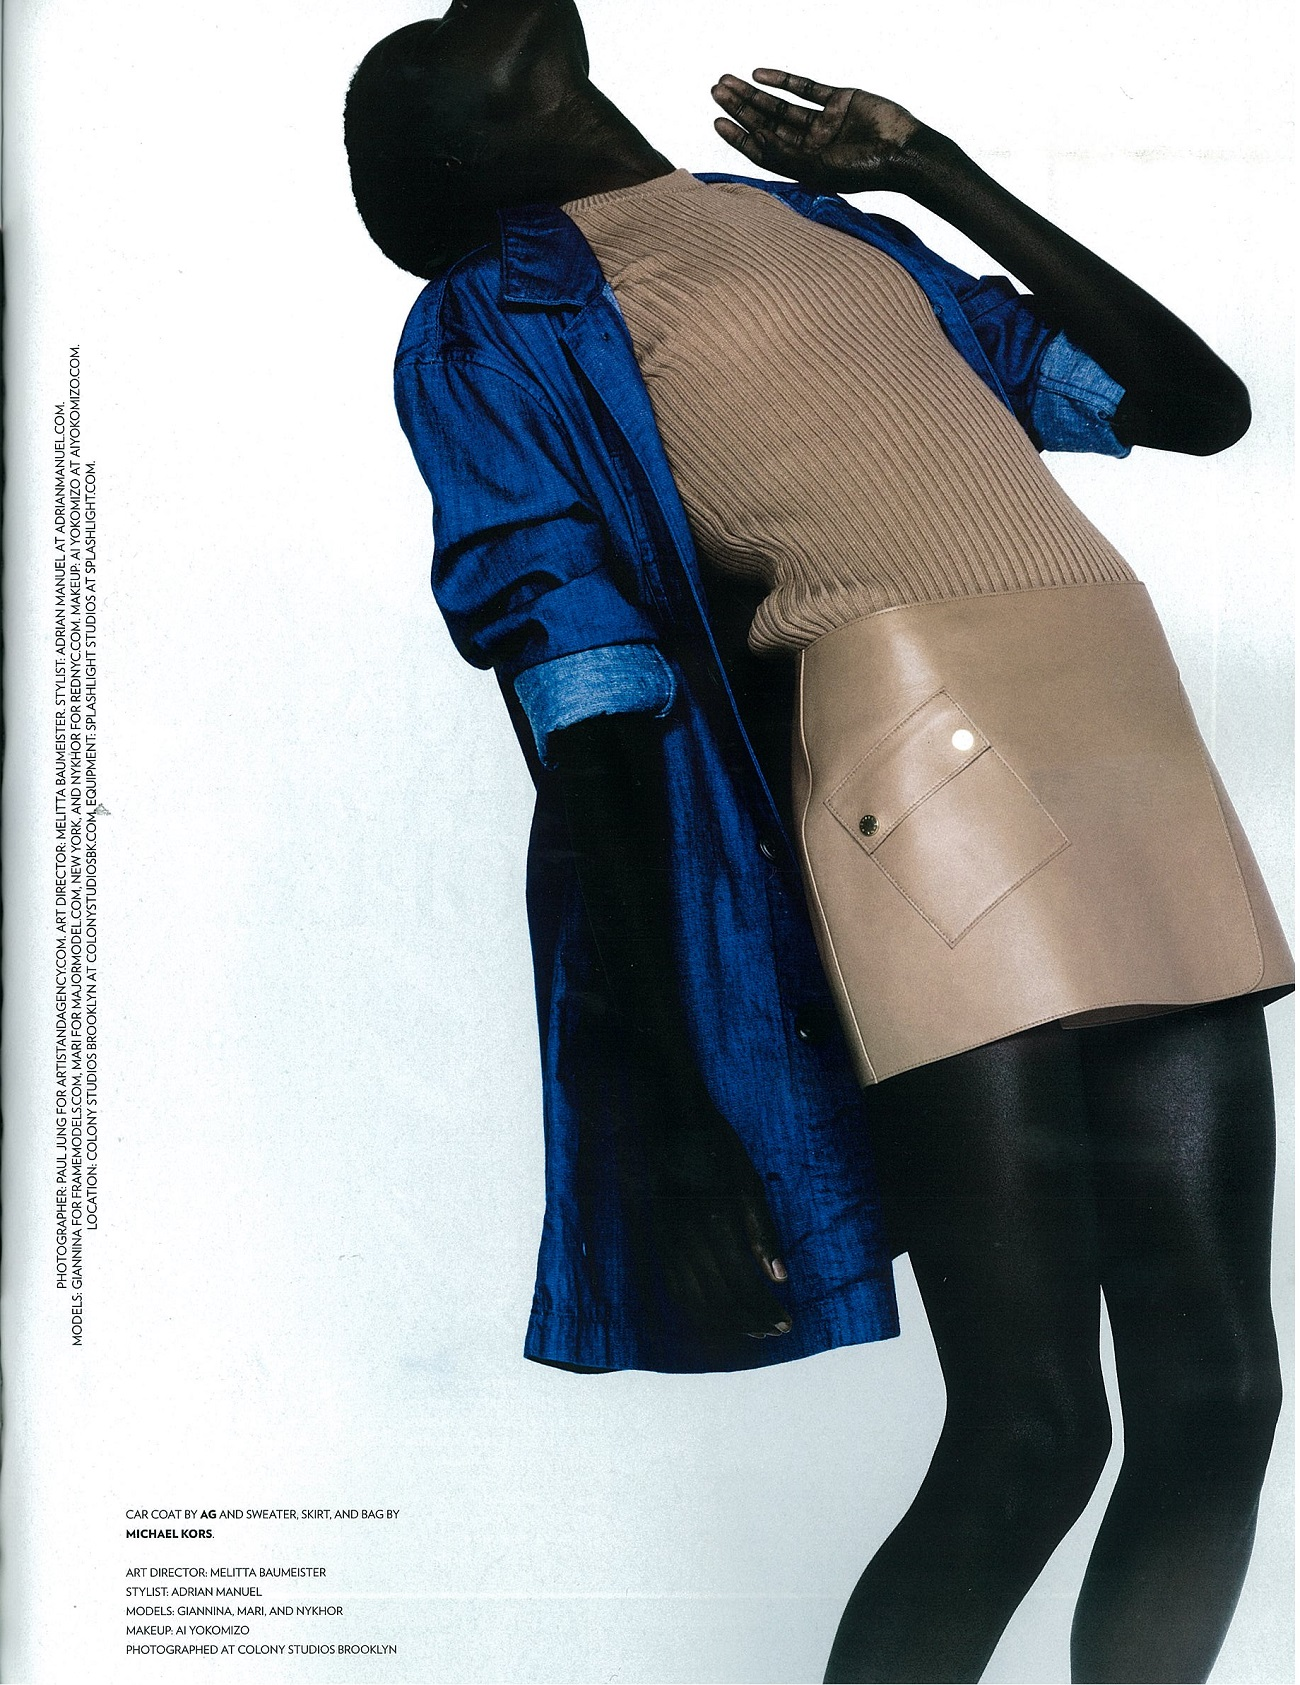 Flaunt Magazine- Issue 131- Car Coat in Aurora Sky